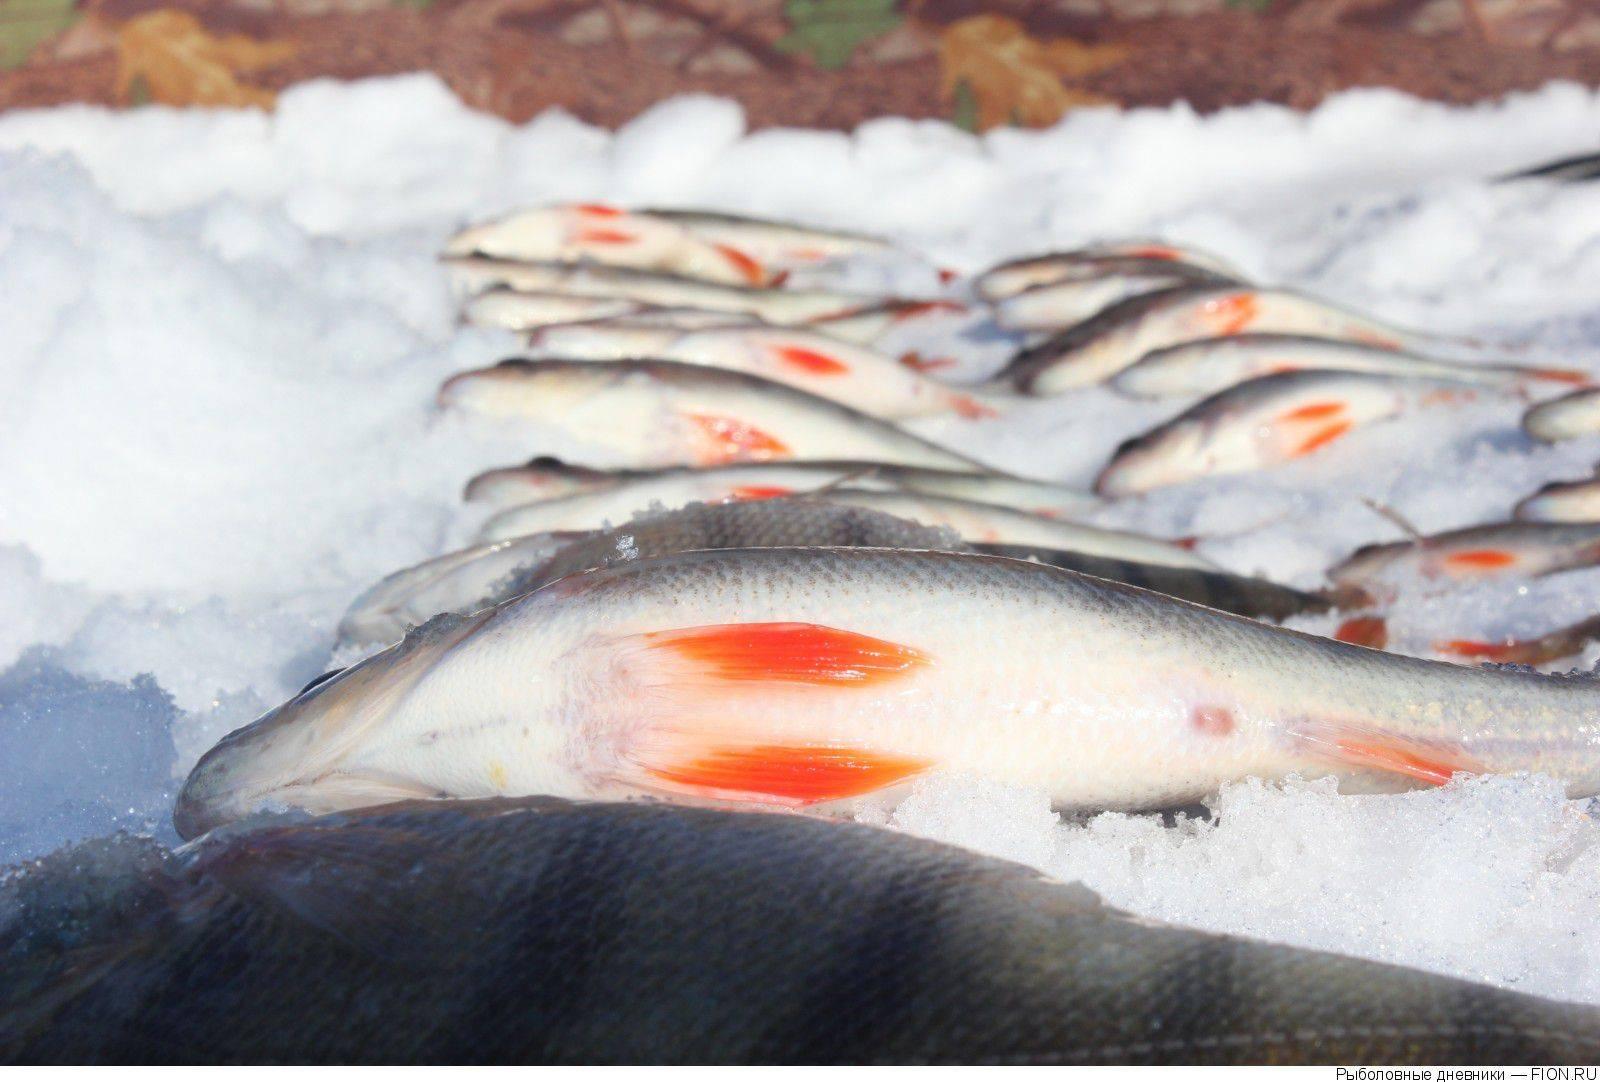 Сообщества › охота и рыбалка › блог › массовая гибель рыбы. горьковское водохранилище.